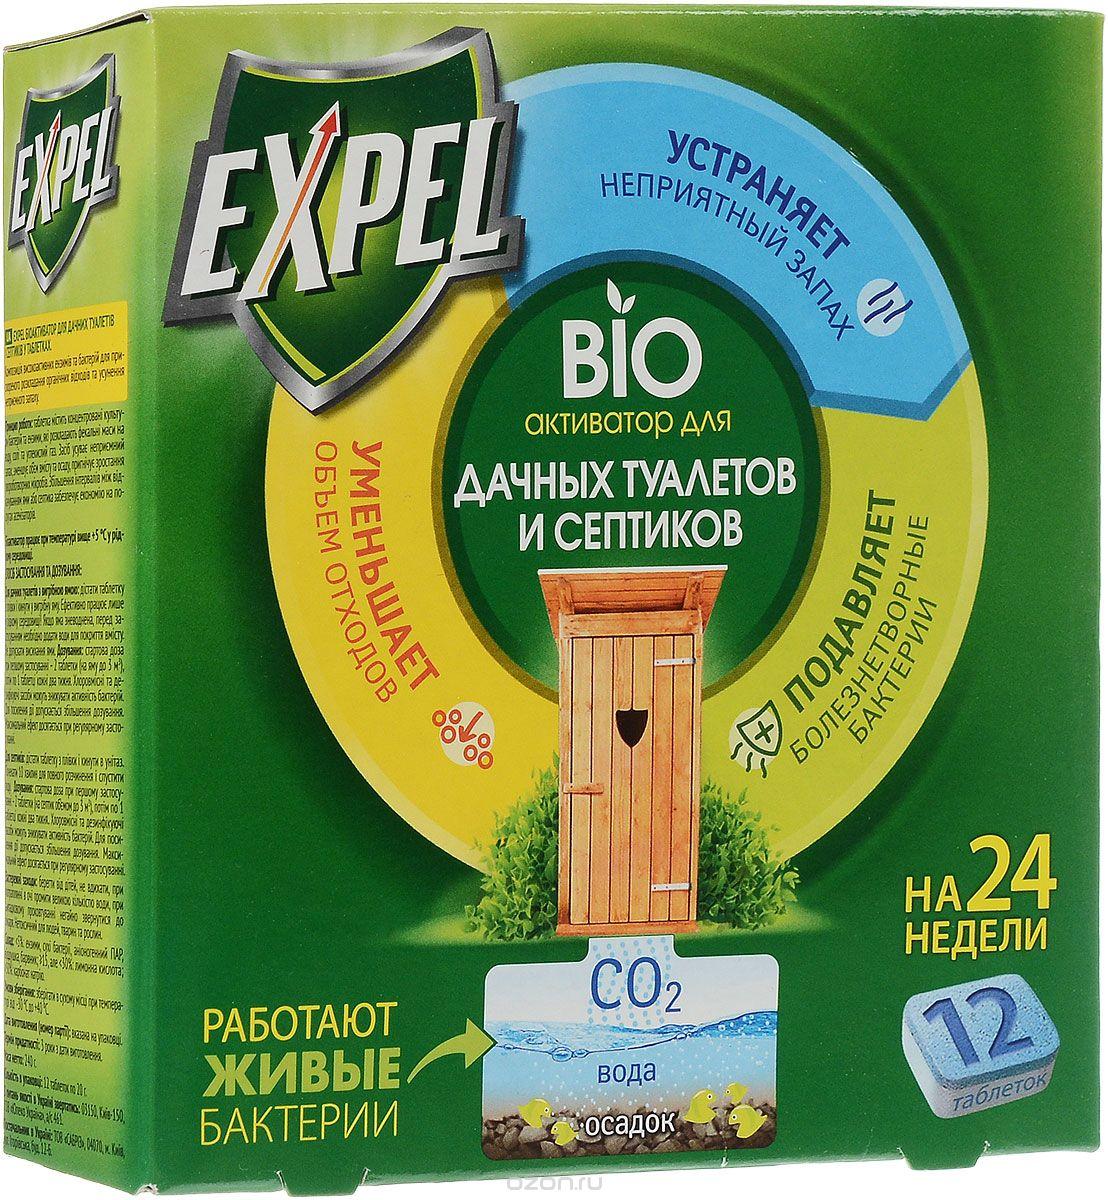 Биоактиватор Expel для дачных туалетов и септиков, 12 таблетокTT0004Биоактиватор Expel содержит концентрированные культуры бактерий. Которые разлагают фекальные массы на воду, углекислый газ и соли. Средство устраняет неприятный запах, уменьшает объем содержимого и осадка, подавляет рост болезнетворных микробов. Увеличение интервалов между откачками ямы или септика обеспечивает экономию на услугах ассенизаторов. Способ применения: Для дачных туалетов с выгребной ямой: извлечь таблетку из пленки и бросить в выгребную яму. Биоактиватор эффективно работает только в жидкой среде. Если яма обезвожена, необходимо добавить воды для покрытия содержимого. Не допускать высыхания ямы.Для септиков: извлечь таблетку из пленки и бросить в унитаз. Подождать 10 минут для полного растворения и спустить воду.Дозировка: стартовая доза при первом применении - 2 таблетки (на яму или септик до 3 м3), затем по 1 таблетке каждые 2 недели. Характеристики: Состав: сухие бактерии, энзимы, карбонат натрия, лимонная кислота, анионогенный ПАВ, отдушка, краситель. Вес одной таблетки: 20 г. Количество таблеток: 12 шт.